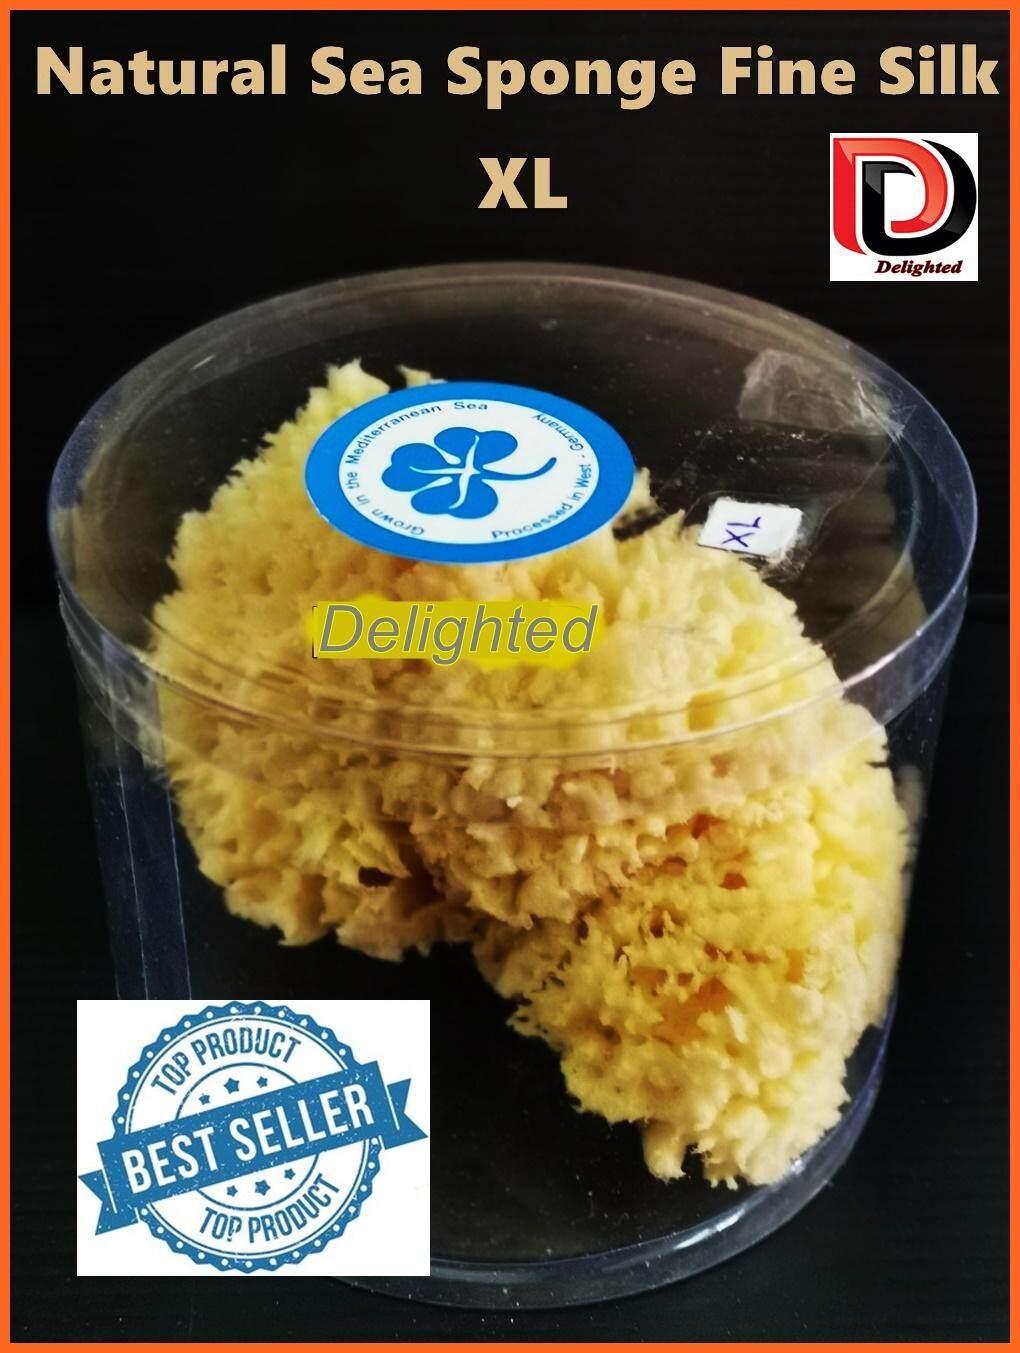 โปรโมชั่น Delighted ฟองน้ำธรรมชาติแท้ 100% Natural Sea Sponge Fine Silk สำหรับการล้างหน้าและอาบน้ำ ขนาดใหญ่ ซึมซับได้ดีเยี่ยม และอ่อนโยนต่อผิวทารก ขนาด L และ XL